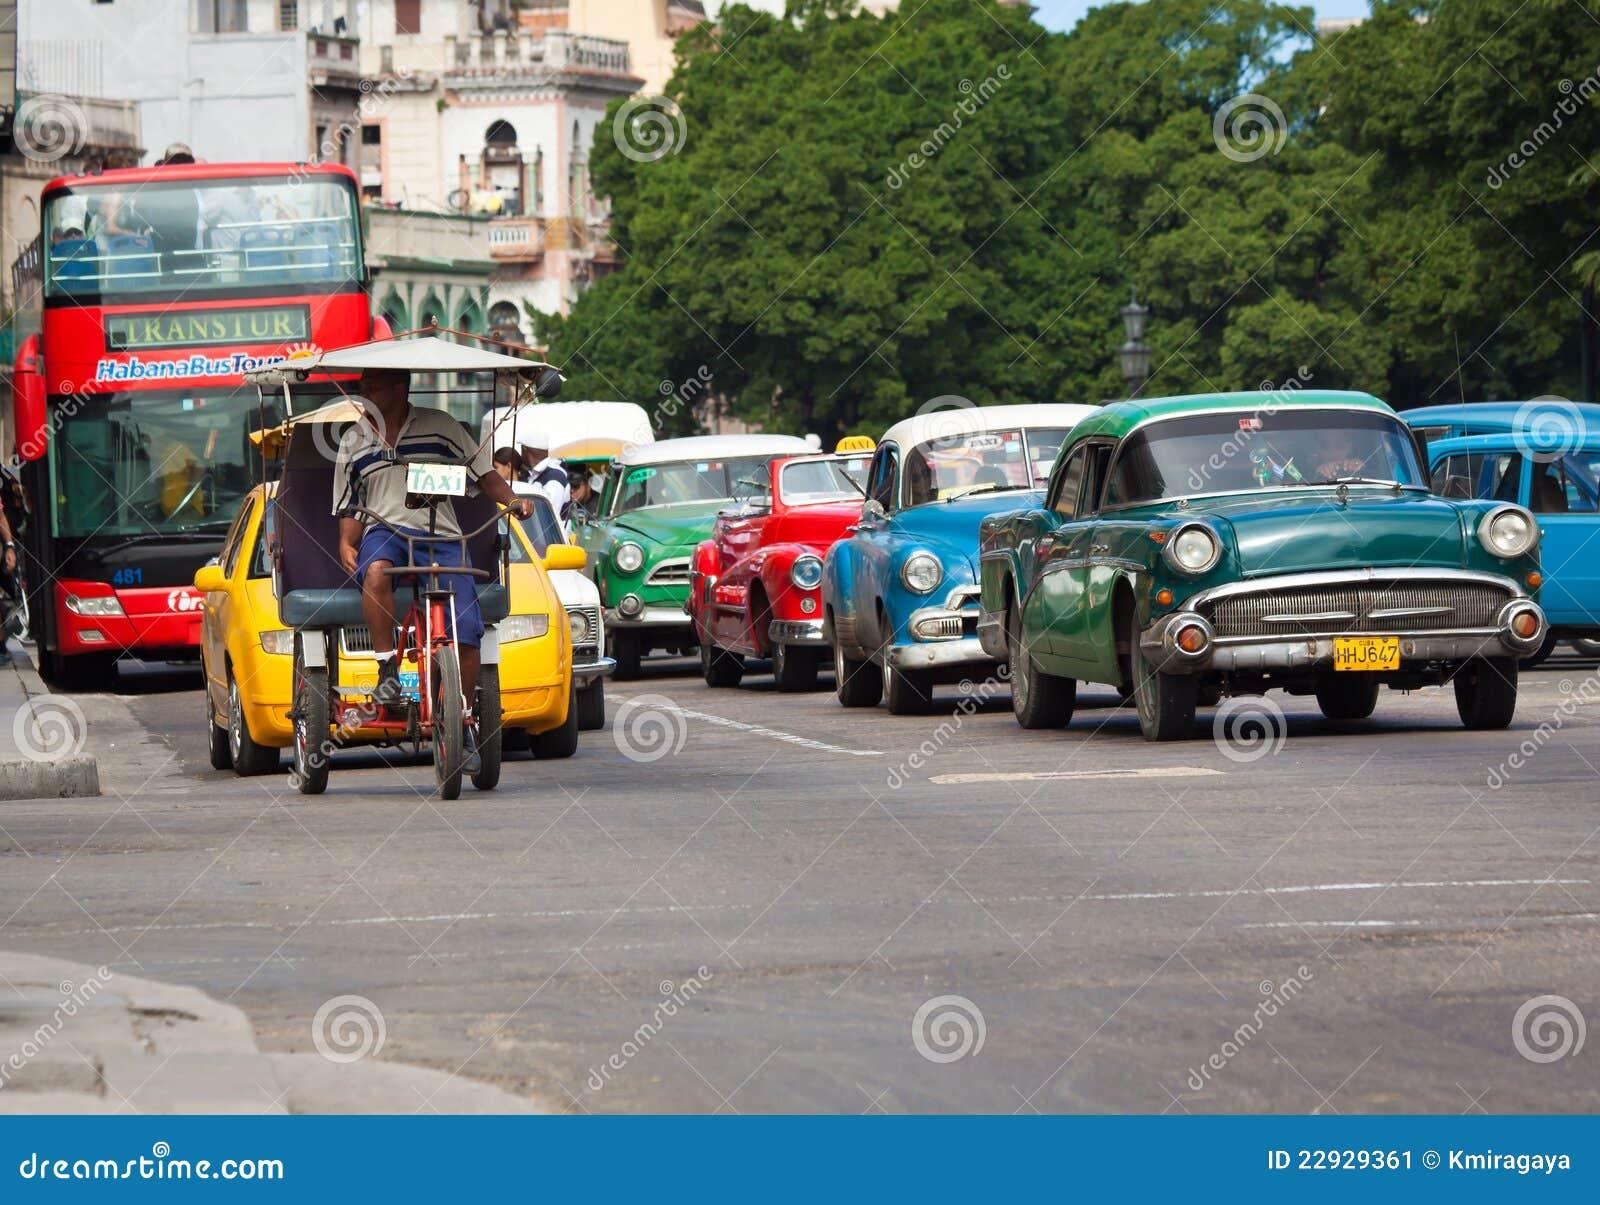 vieilles voitures am ricaines classiques dans les rues de la havane photo ditorial image. Black Bedroom Furniture Sets. Home Design Ideas